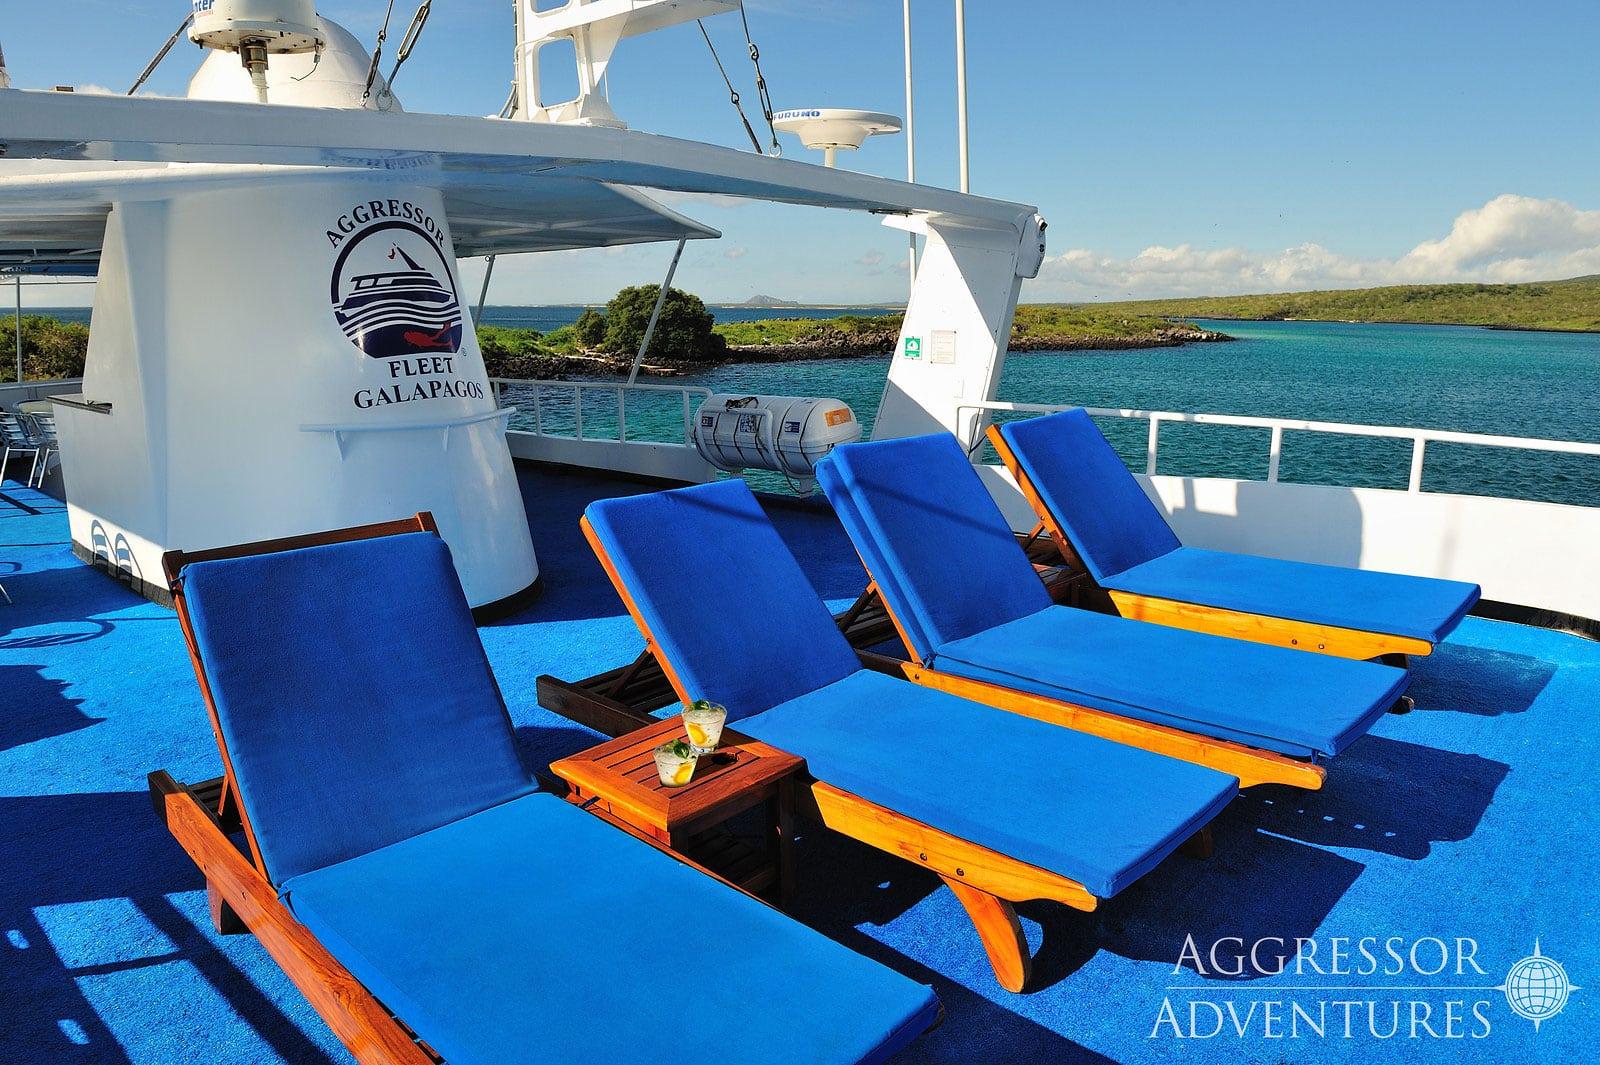 Galapagos Aggressor III sun deck